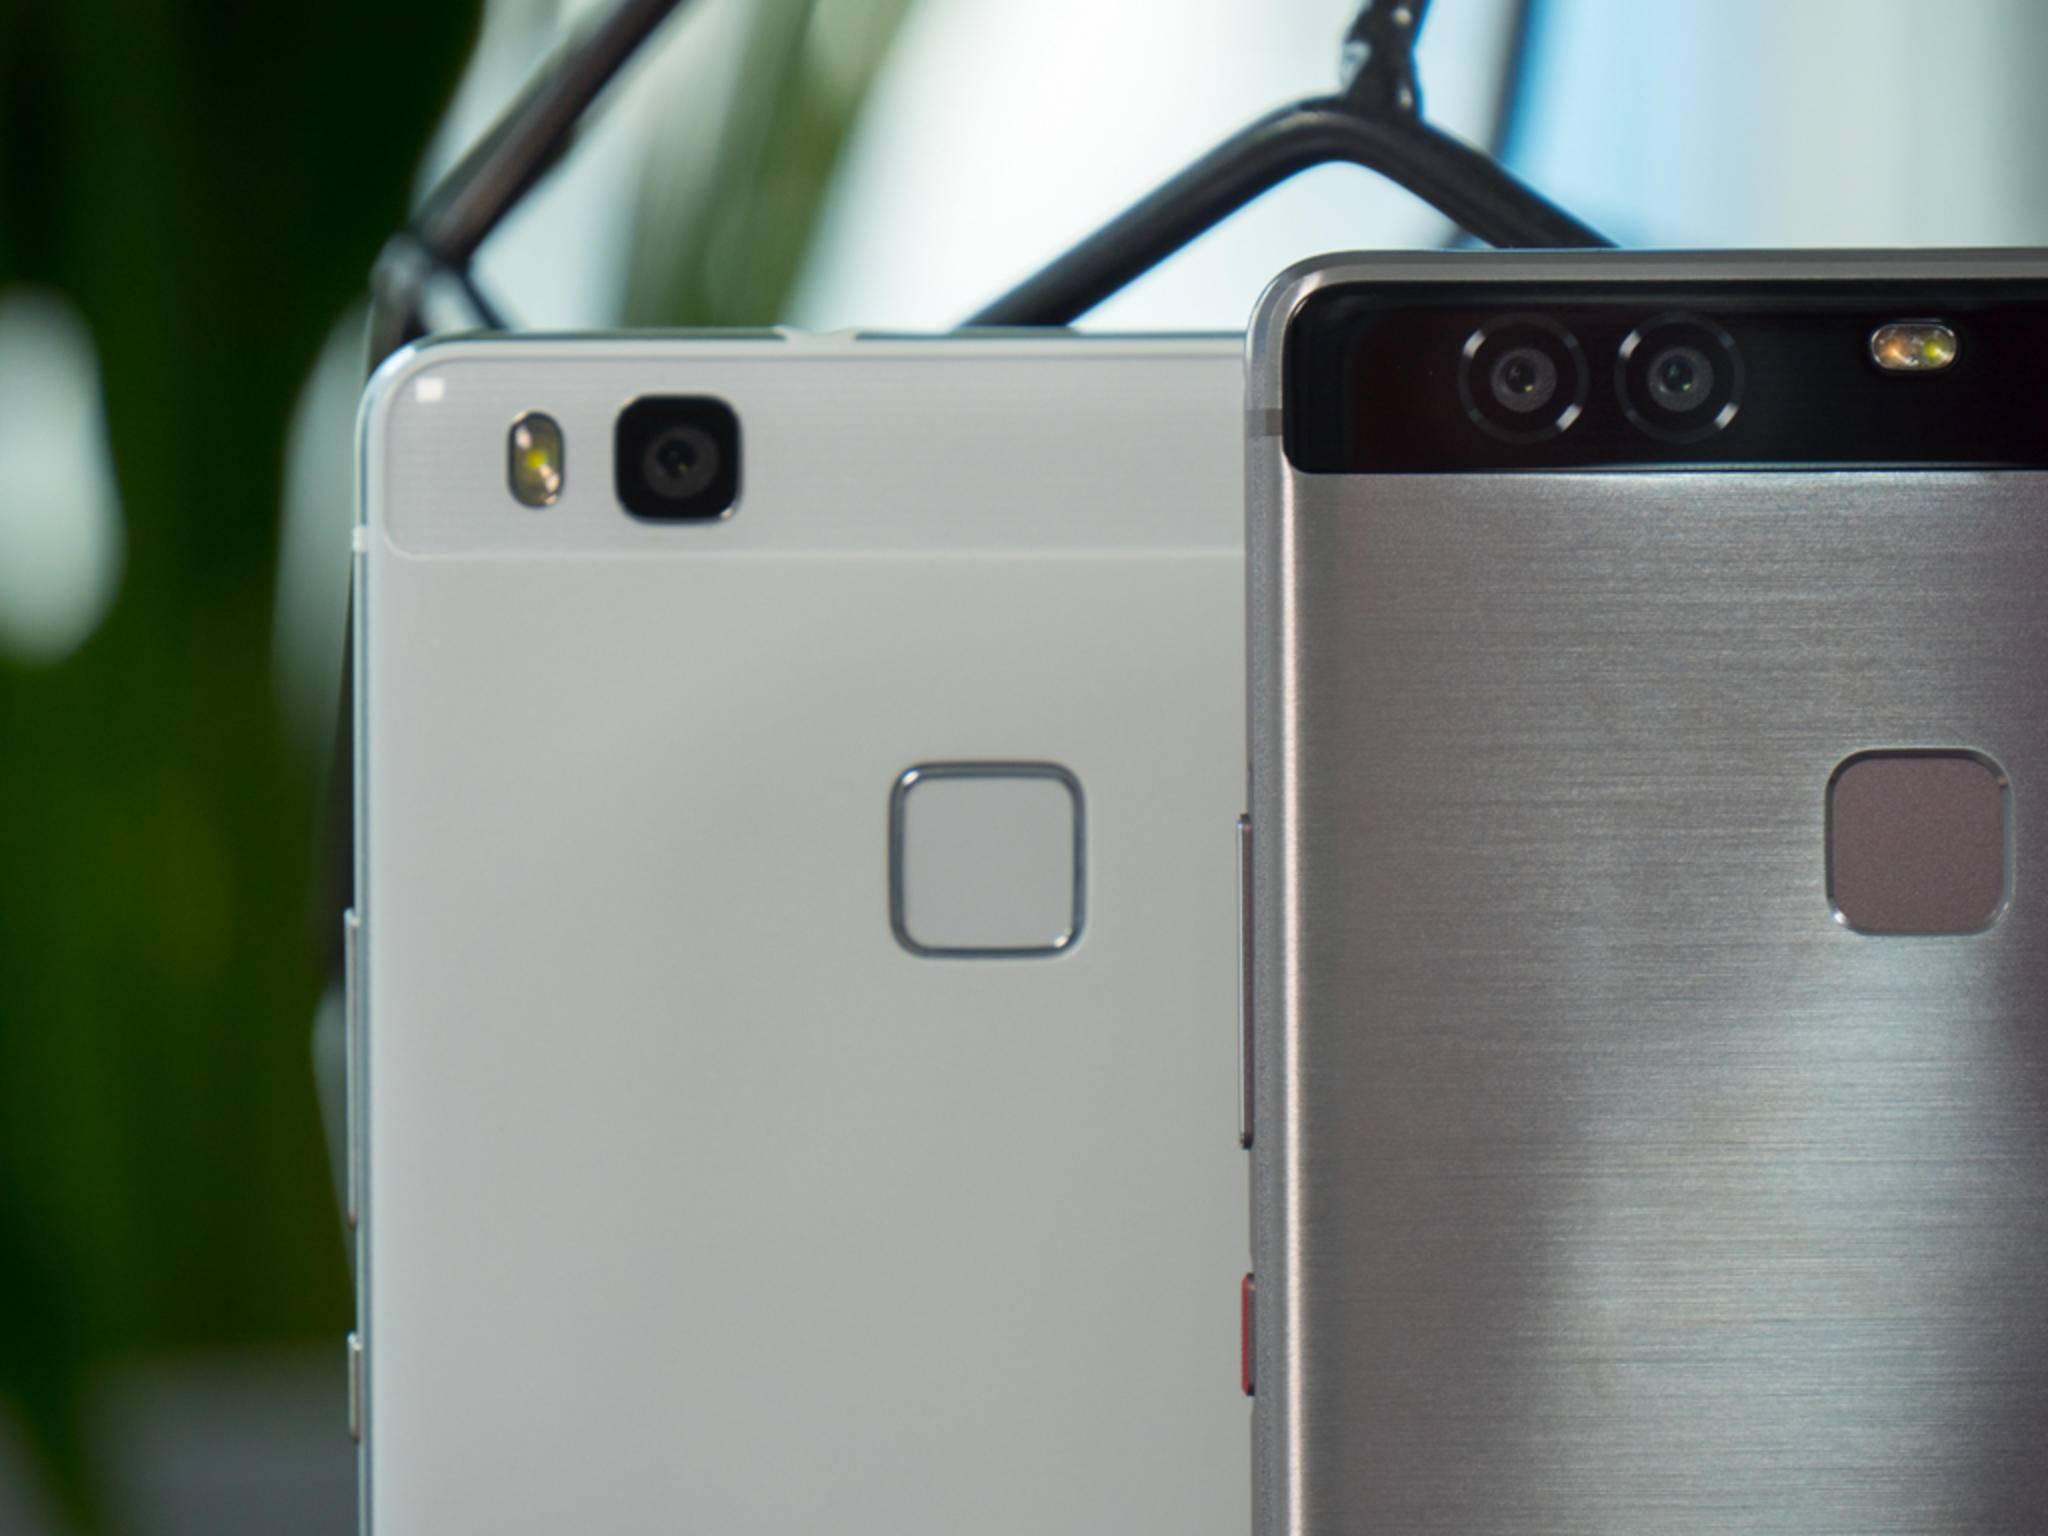 Einen Fingerabdrucksensor gibt es bei allen drei Modellen.